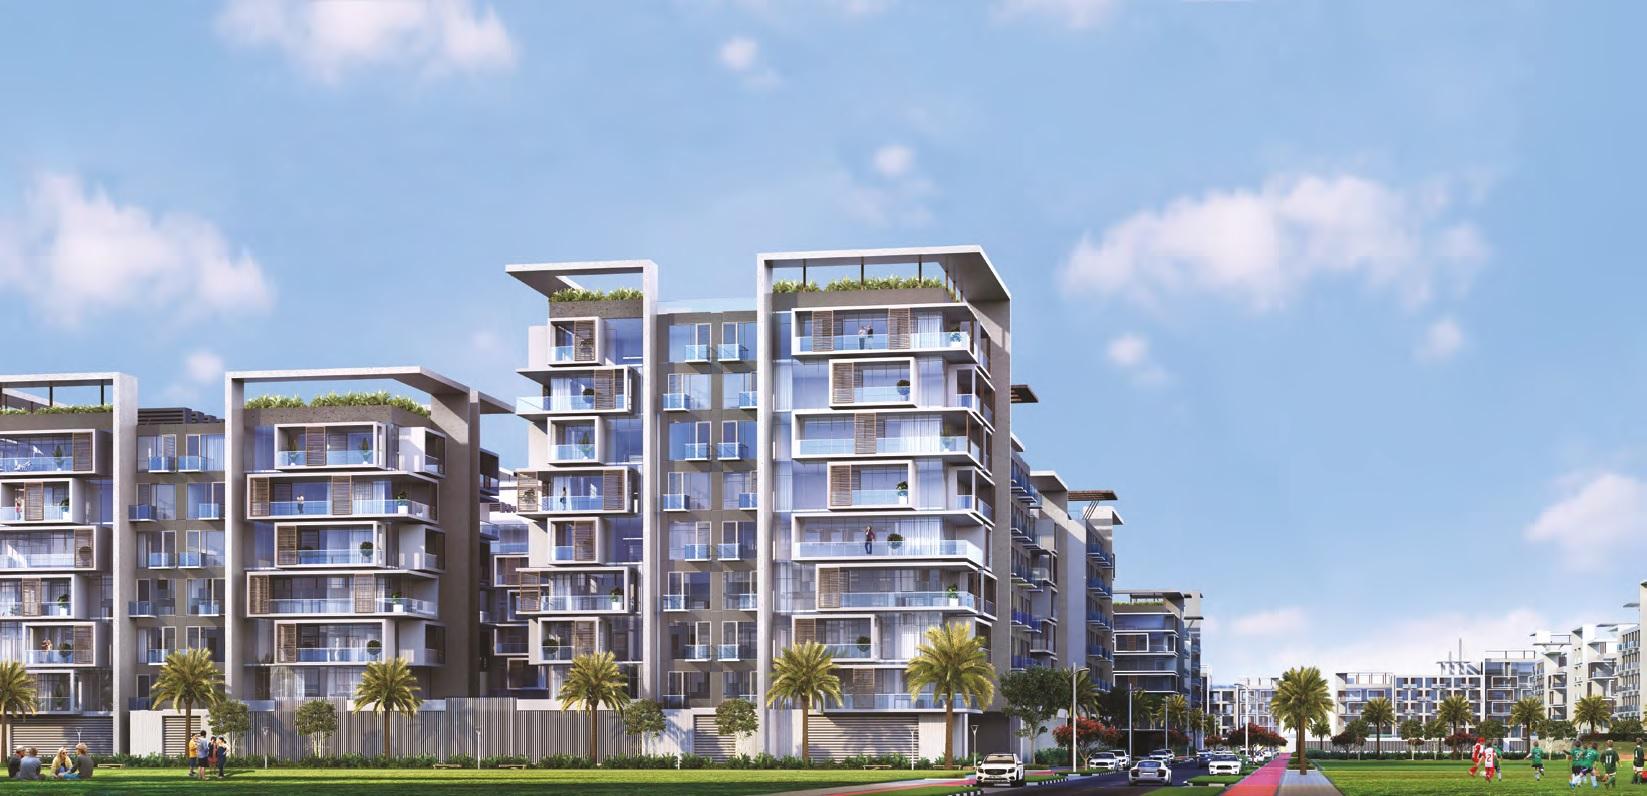 للبيع  ارخص شقة للبيع بدبي داون تاون فقط 432  الف درهم وبالاقساط 5976112d1237e0a